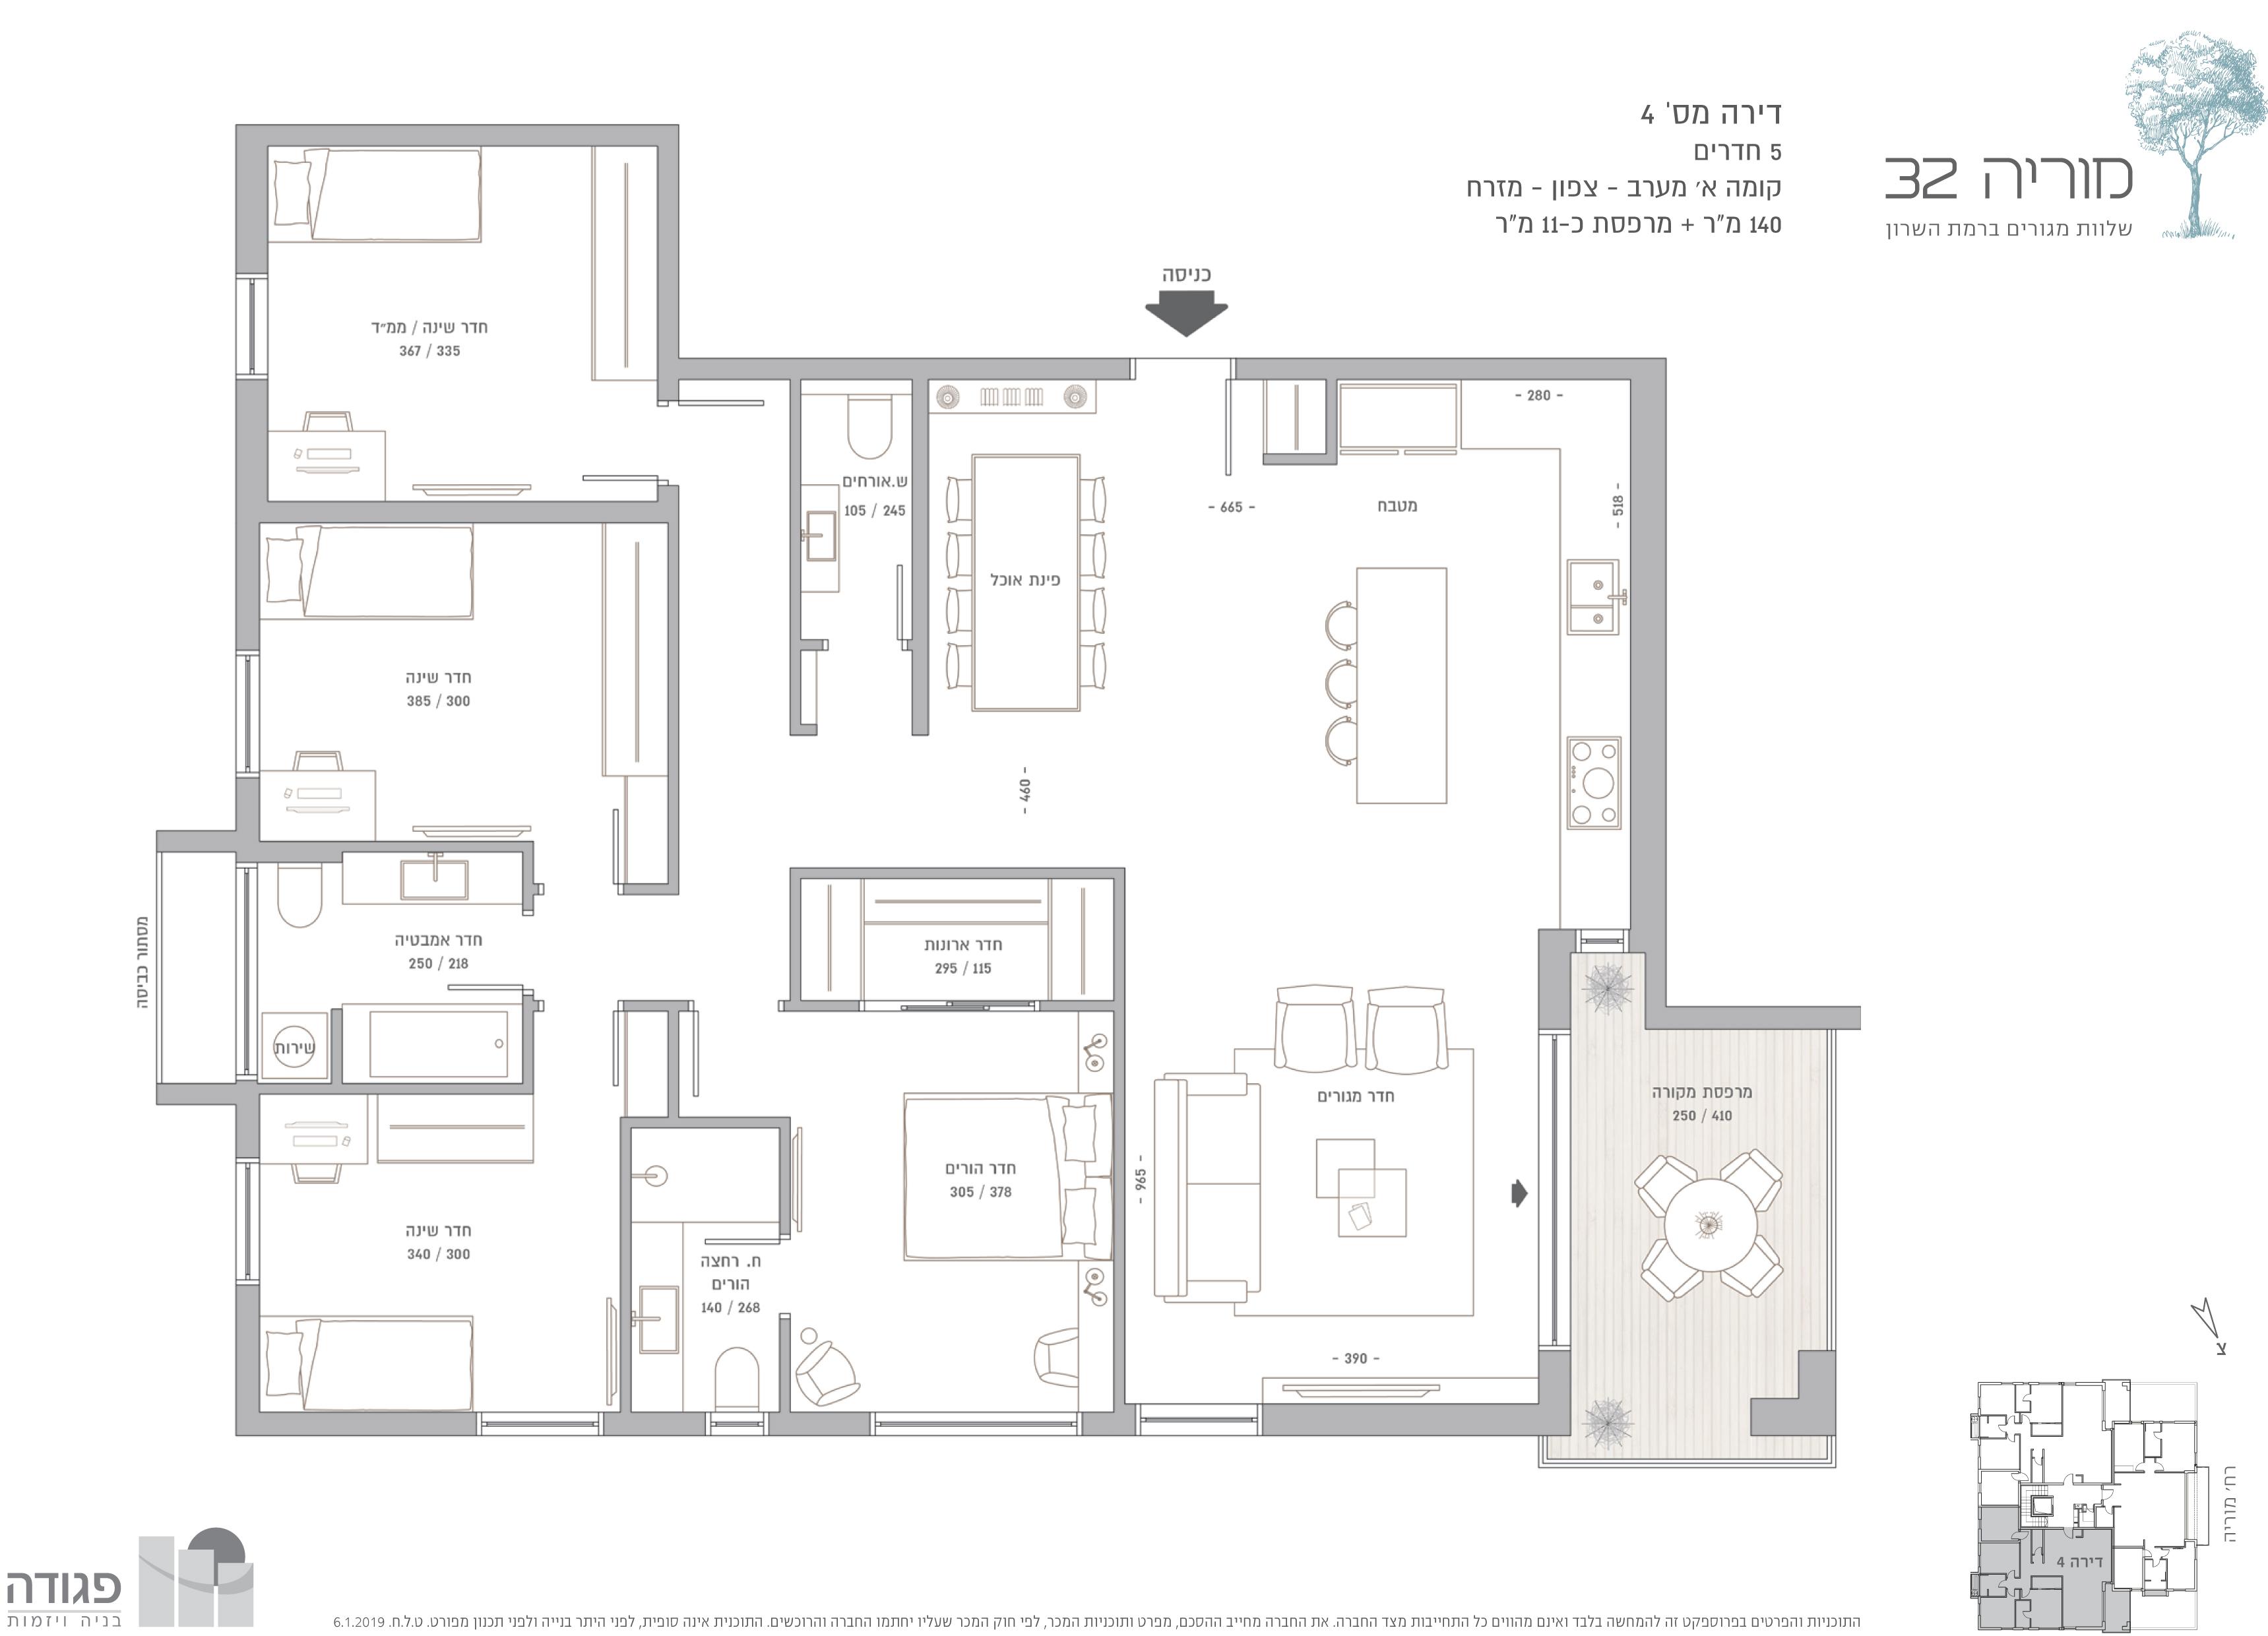 דירת 5 חדרים קומה א' מזרח - צפון - מערב